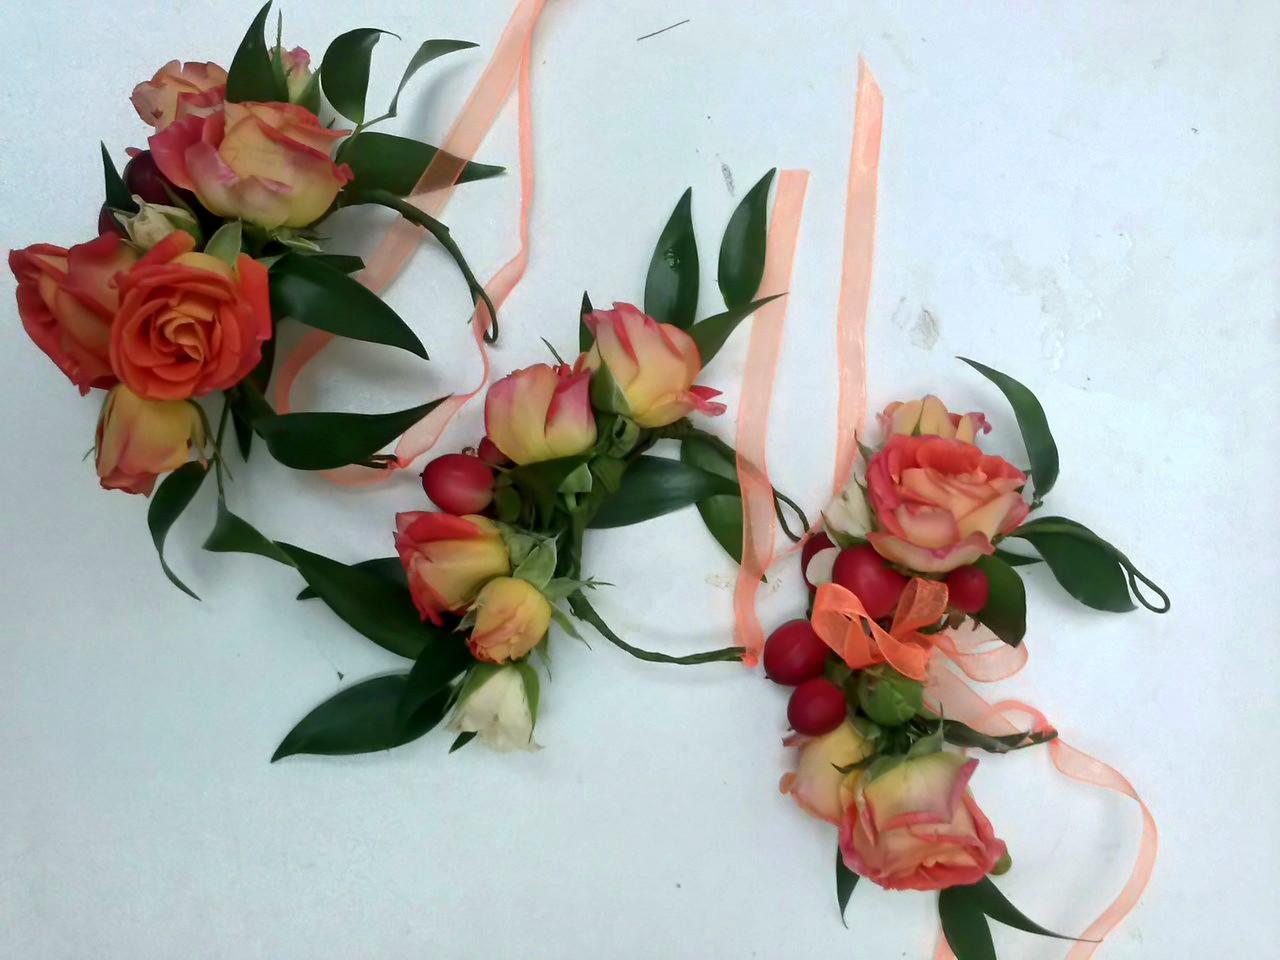 Искусственные цветы на руку фото